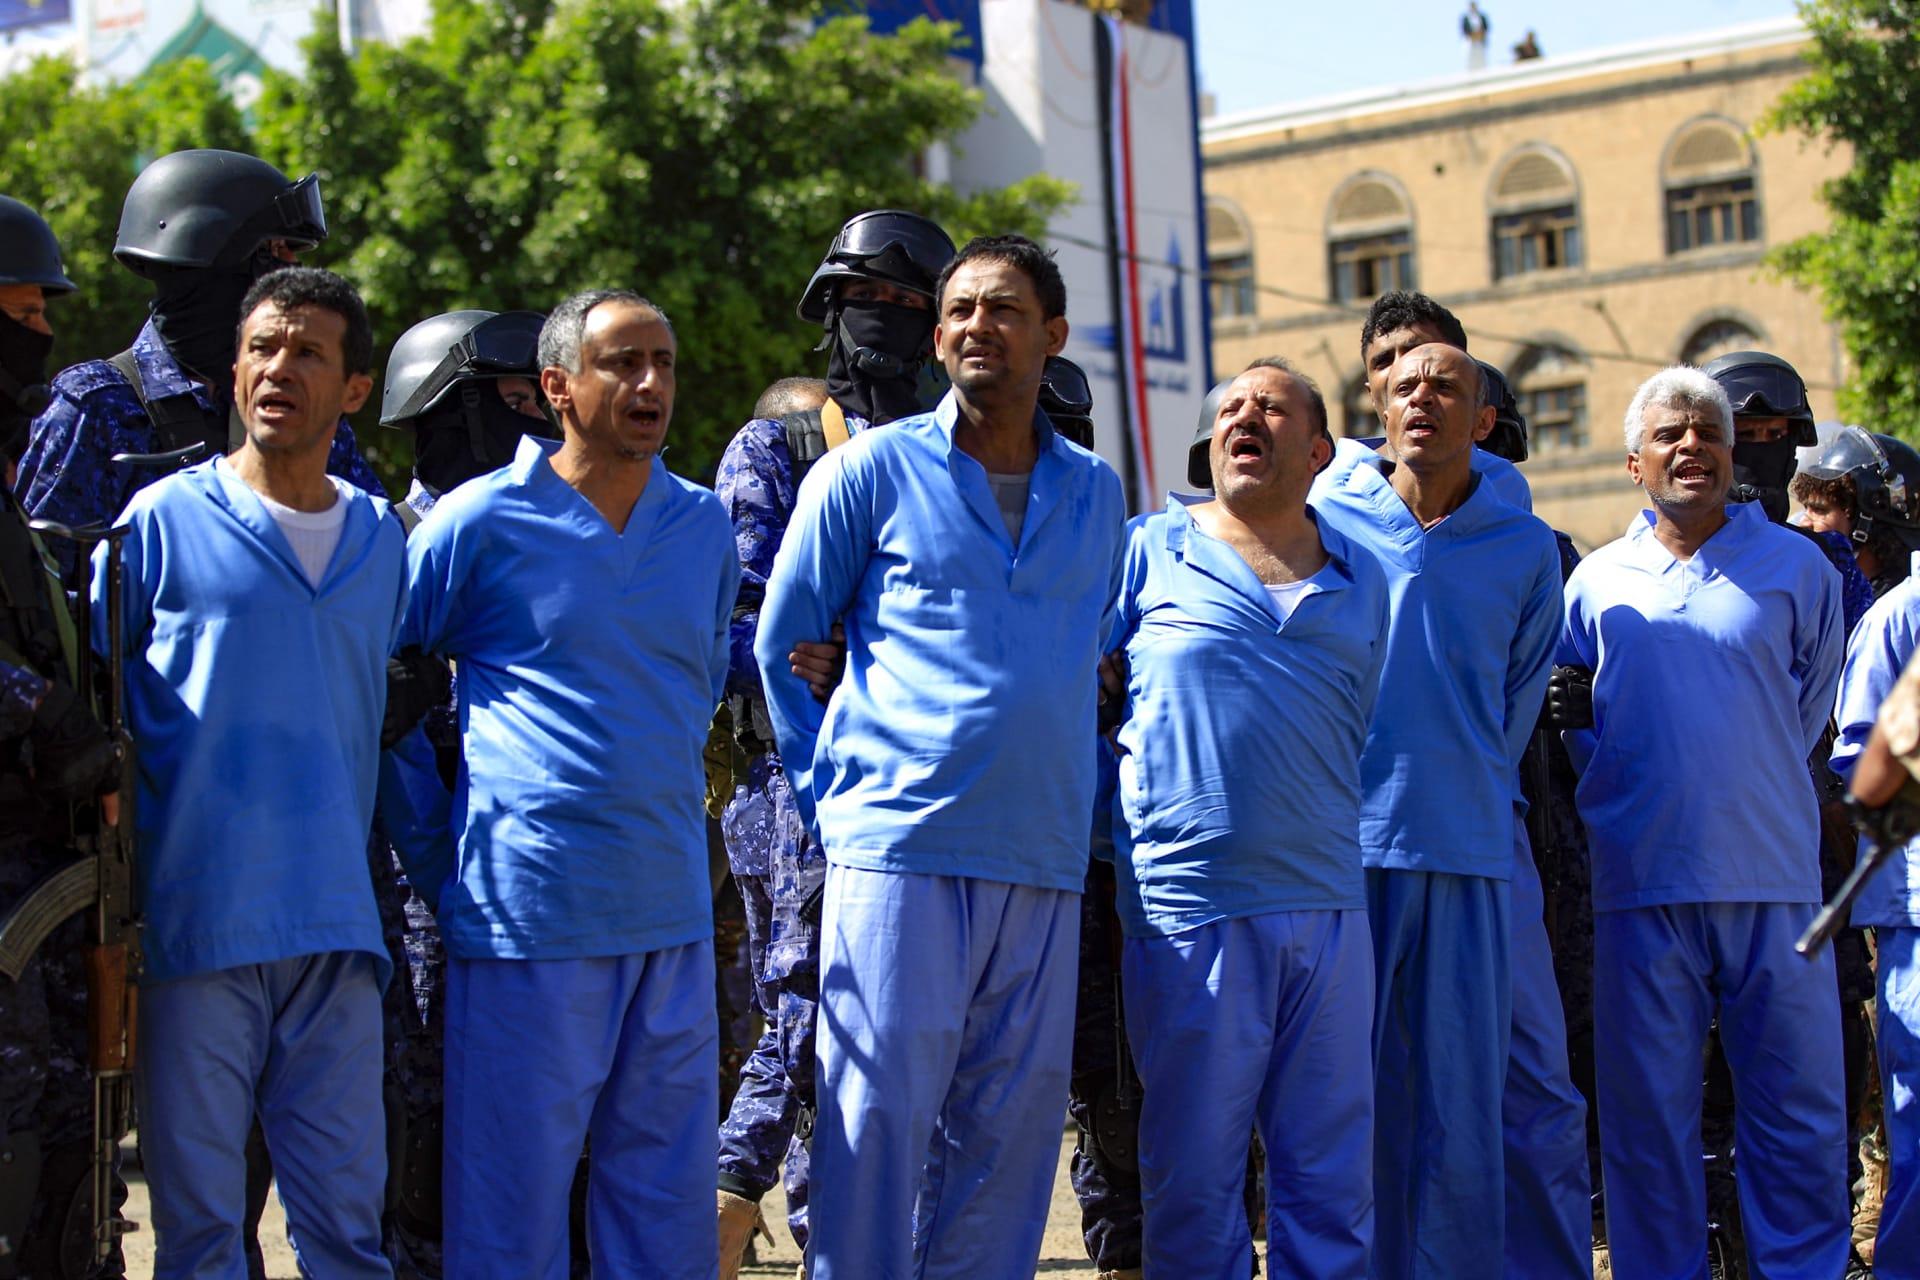 الأشخاص الـ 9 قبيل إعدامهم رميًا بالرصاص في ميدان في صنعاء بتهمة قتل صالح الصماد